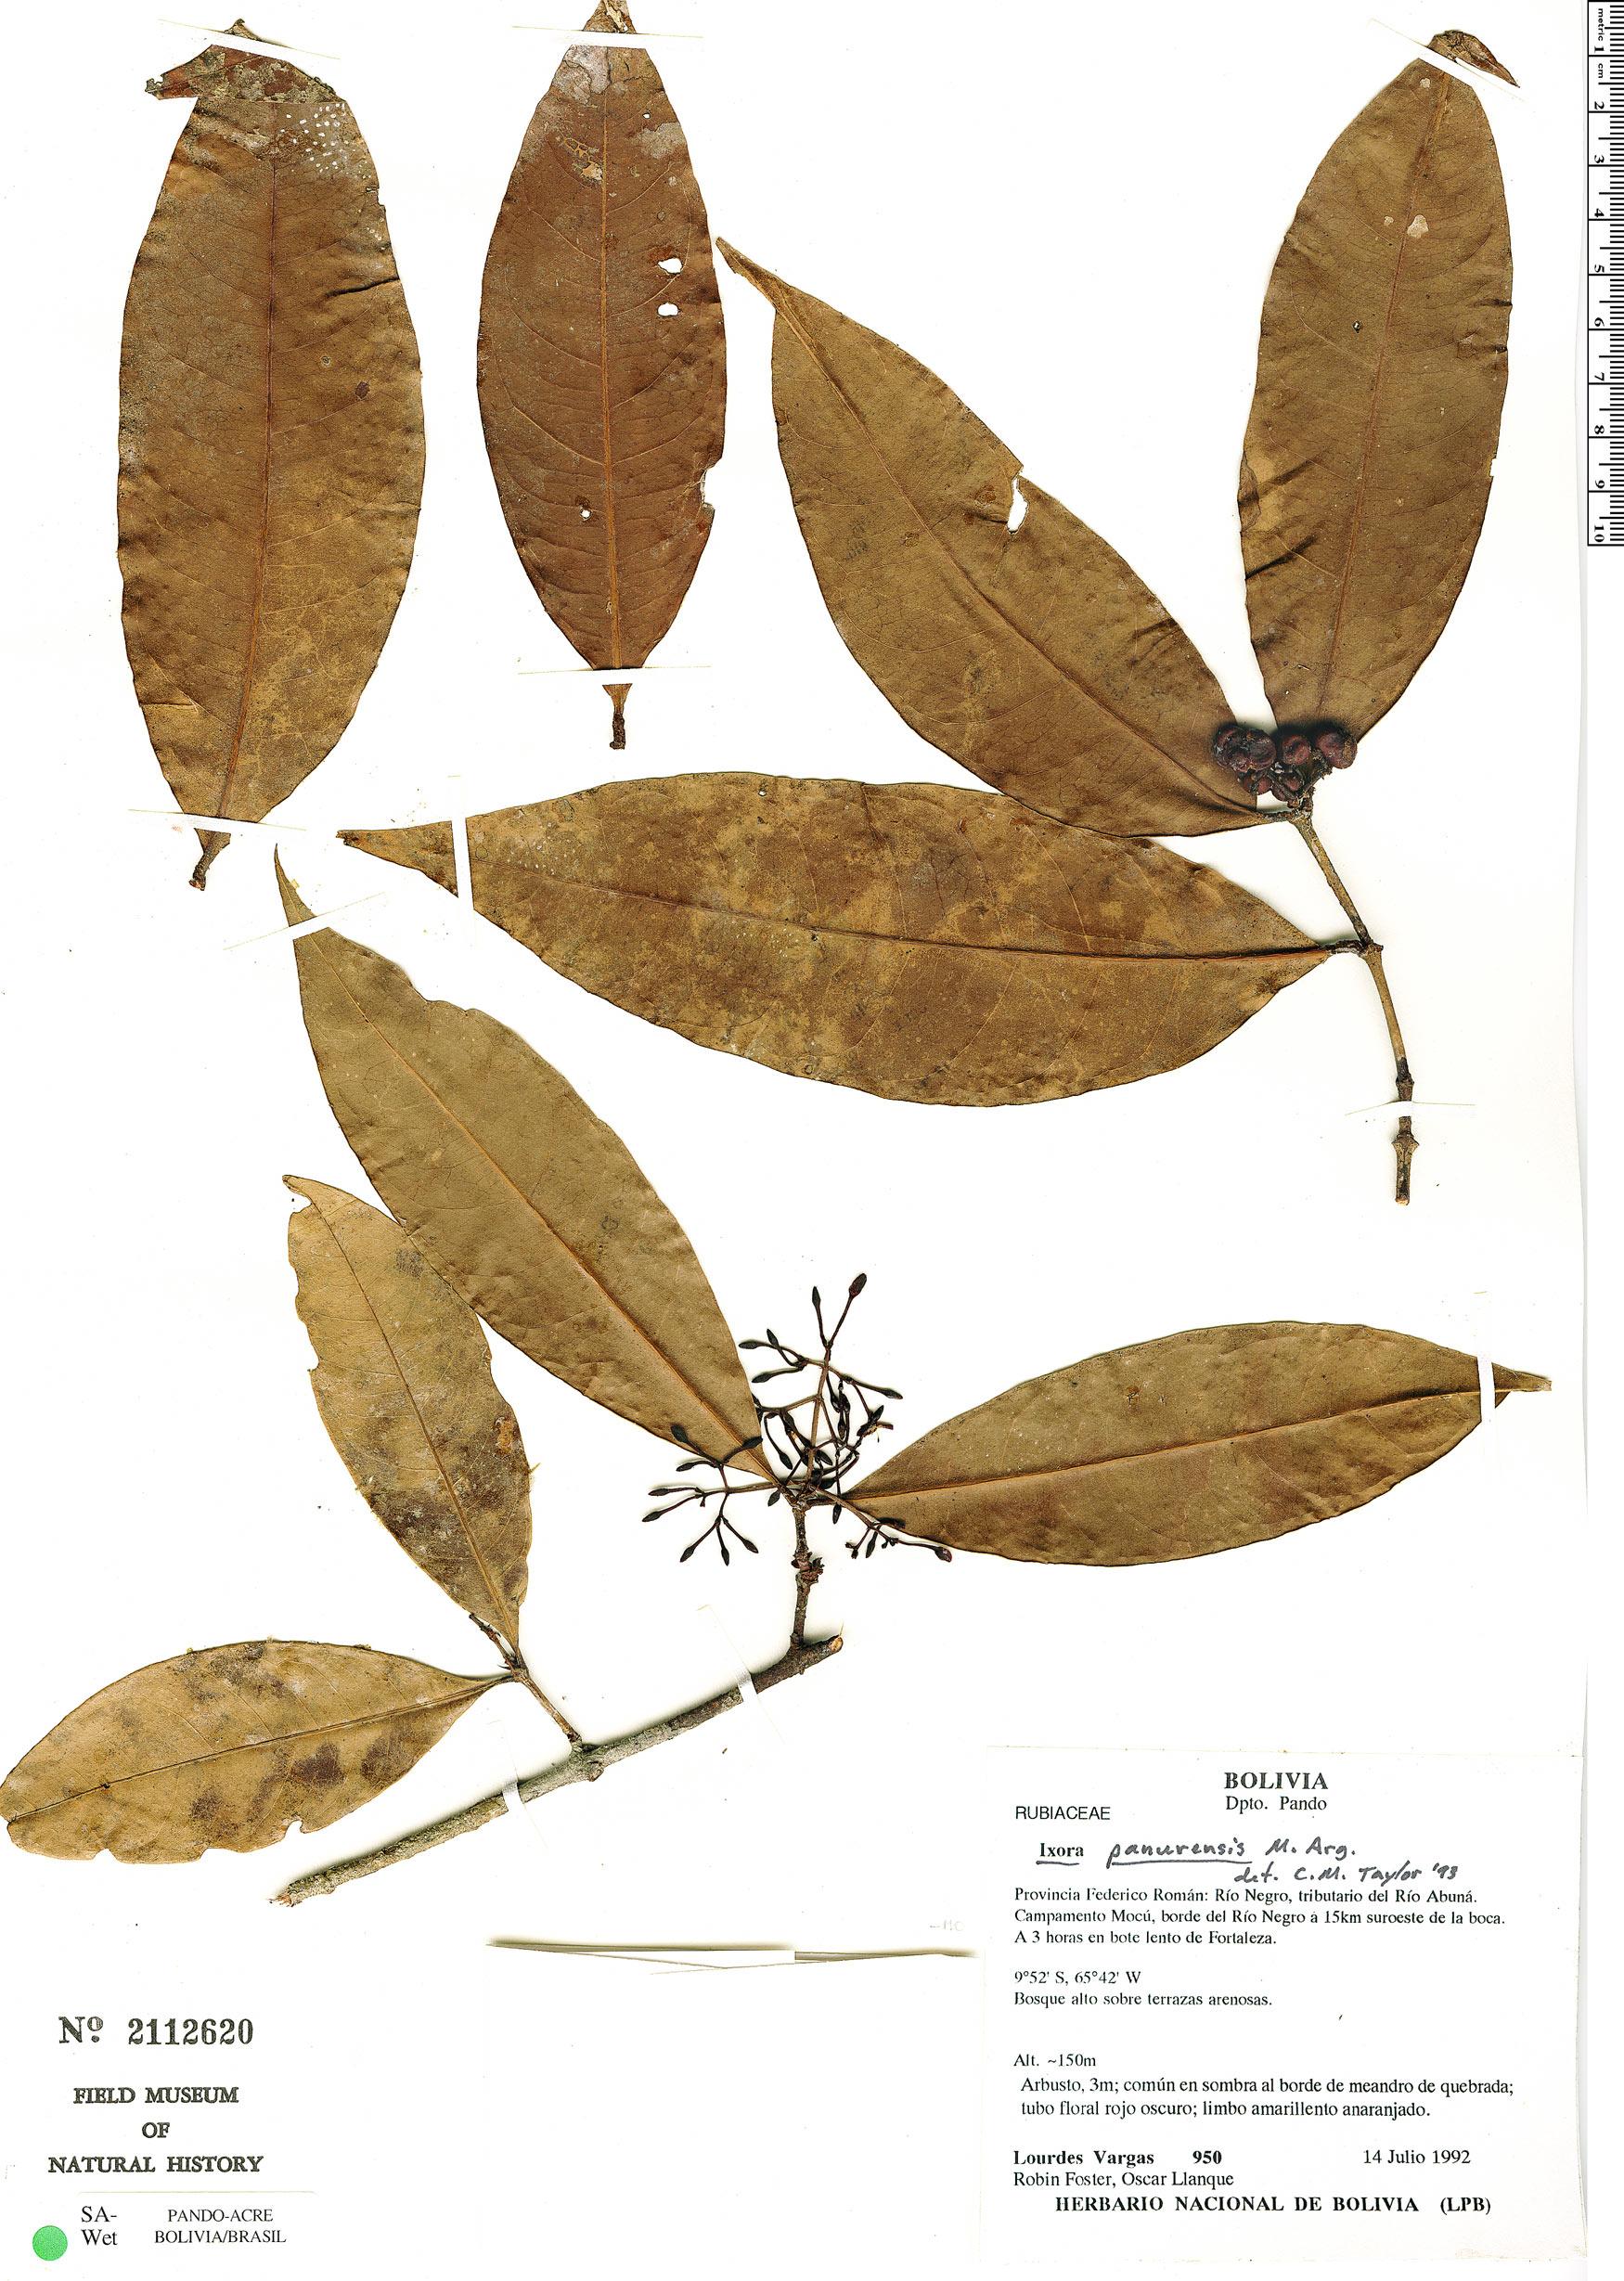 Specimen: Ixora rufa